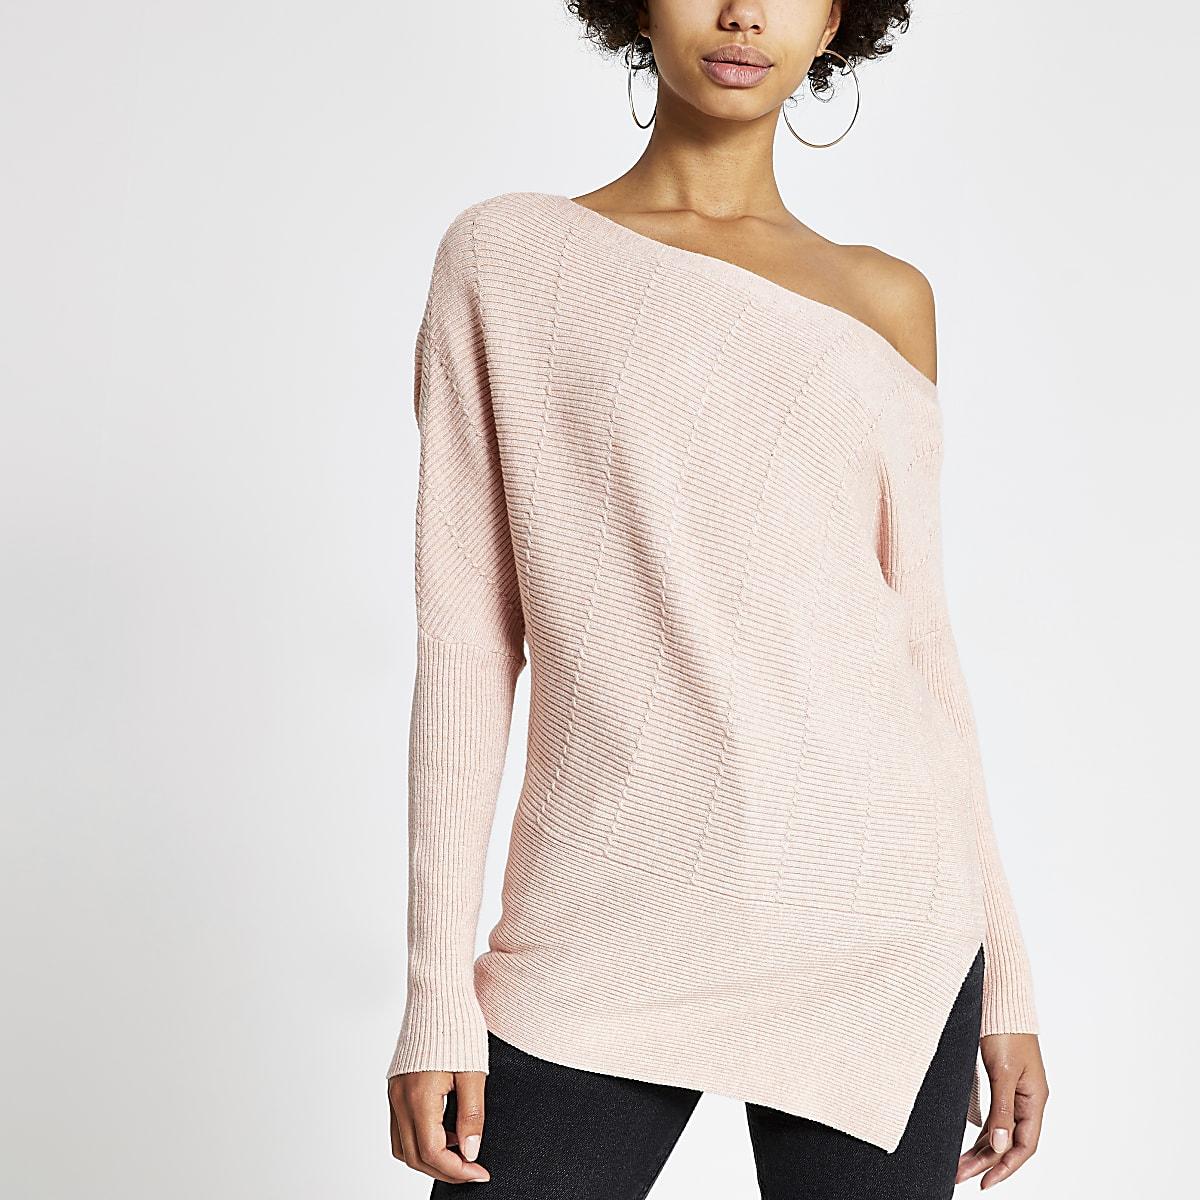 Roze gebreide asymmetrische pullover met kabelpatroon